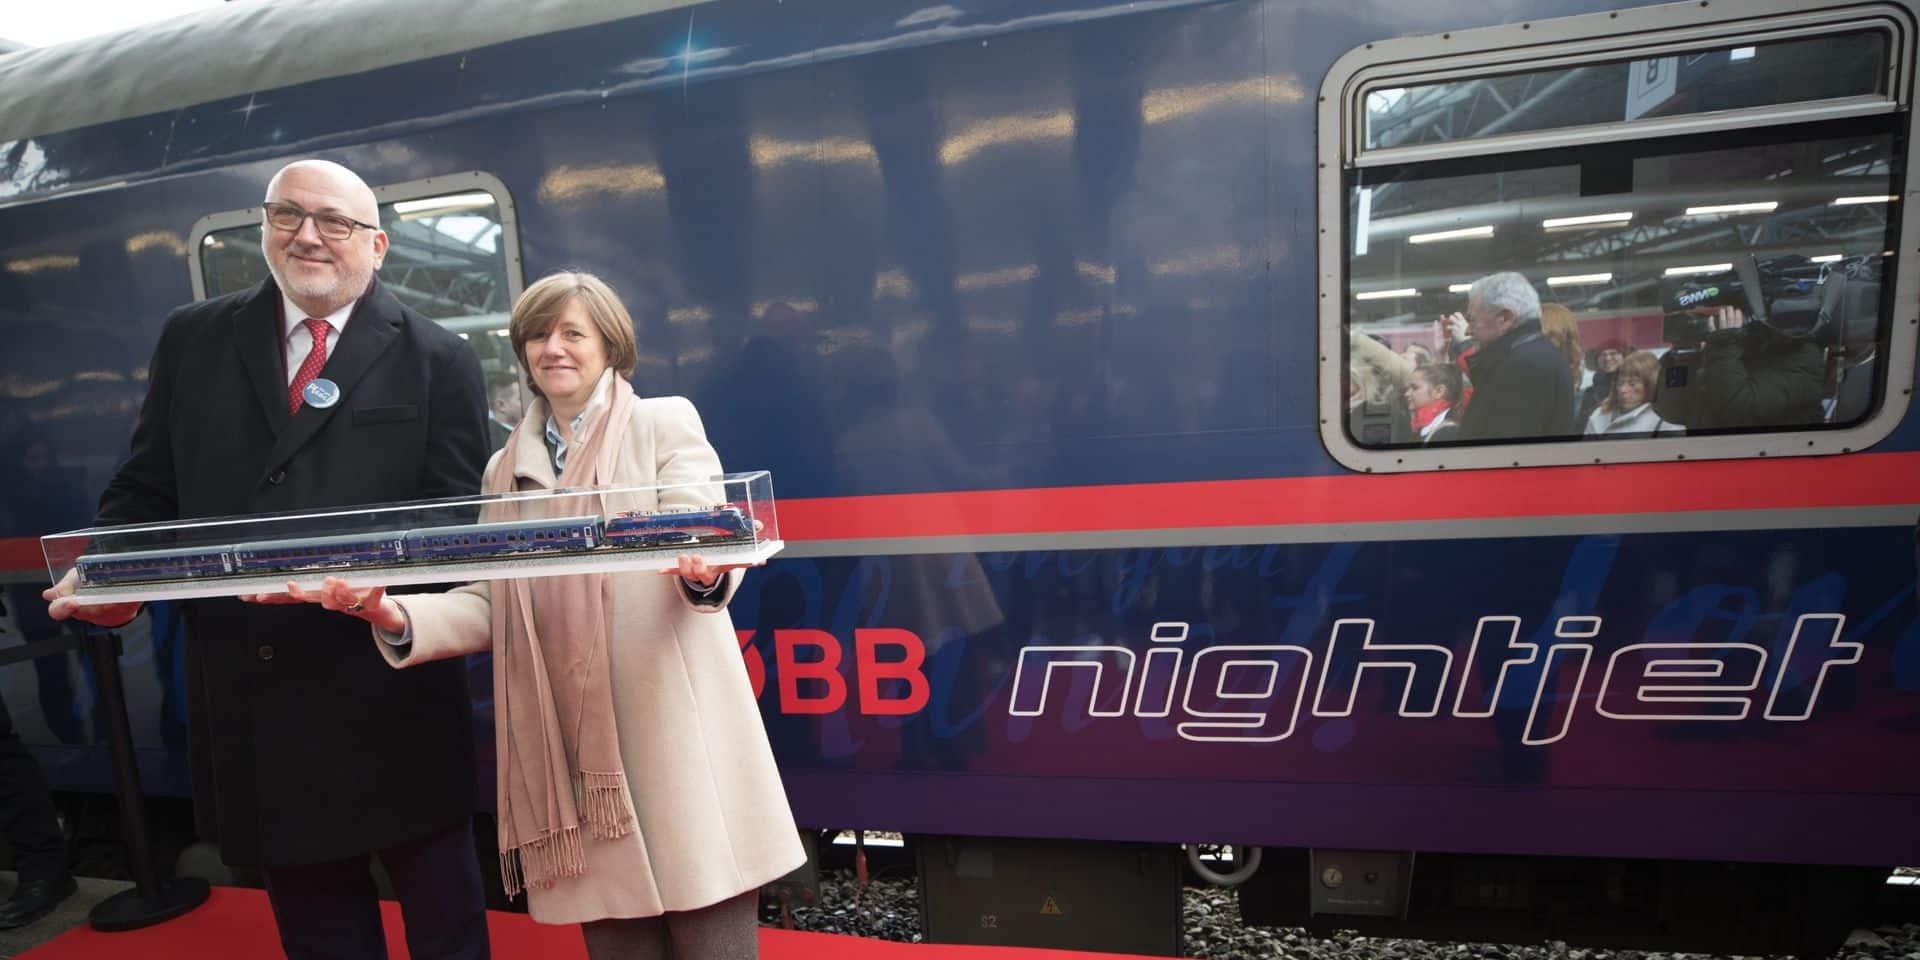 La première liaison de nuit entre Bruxelles et Vienne avait été inaugurée le 20 janvier 2020.